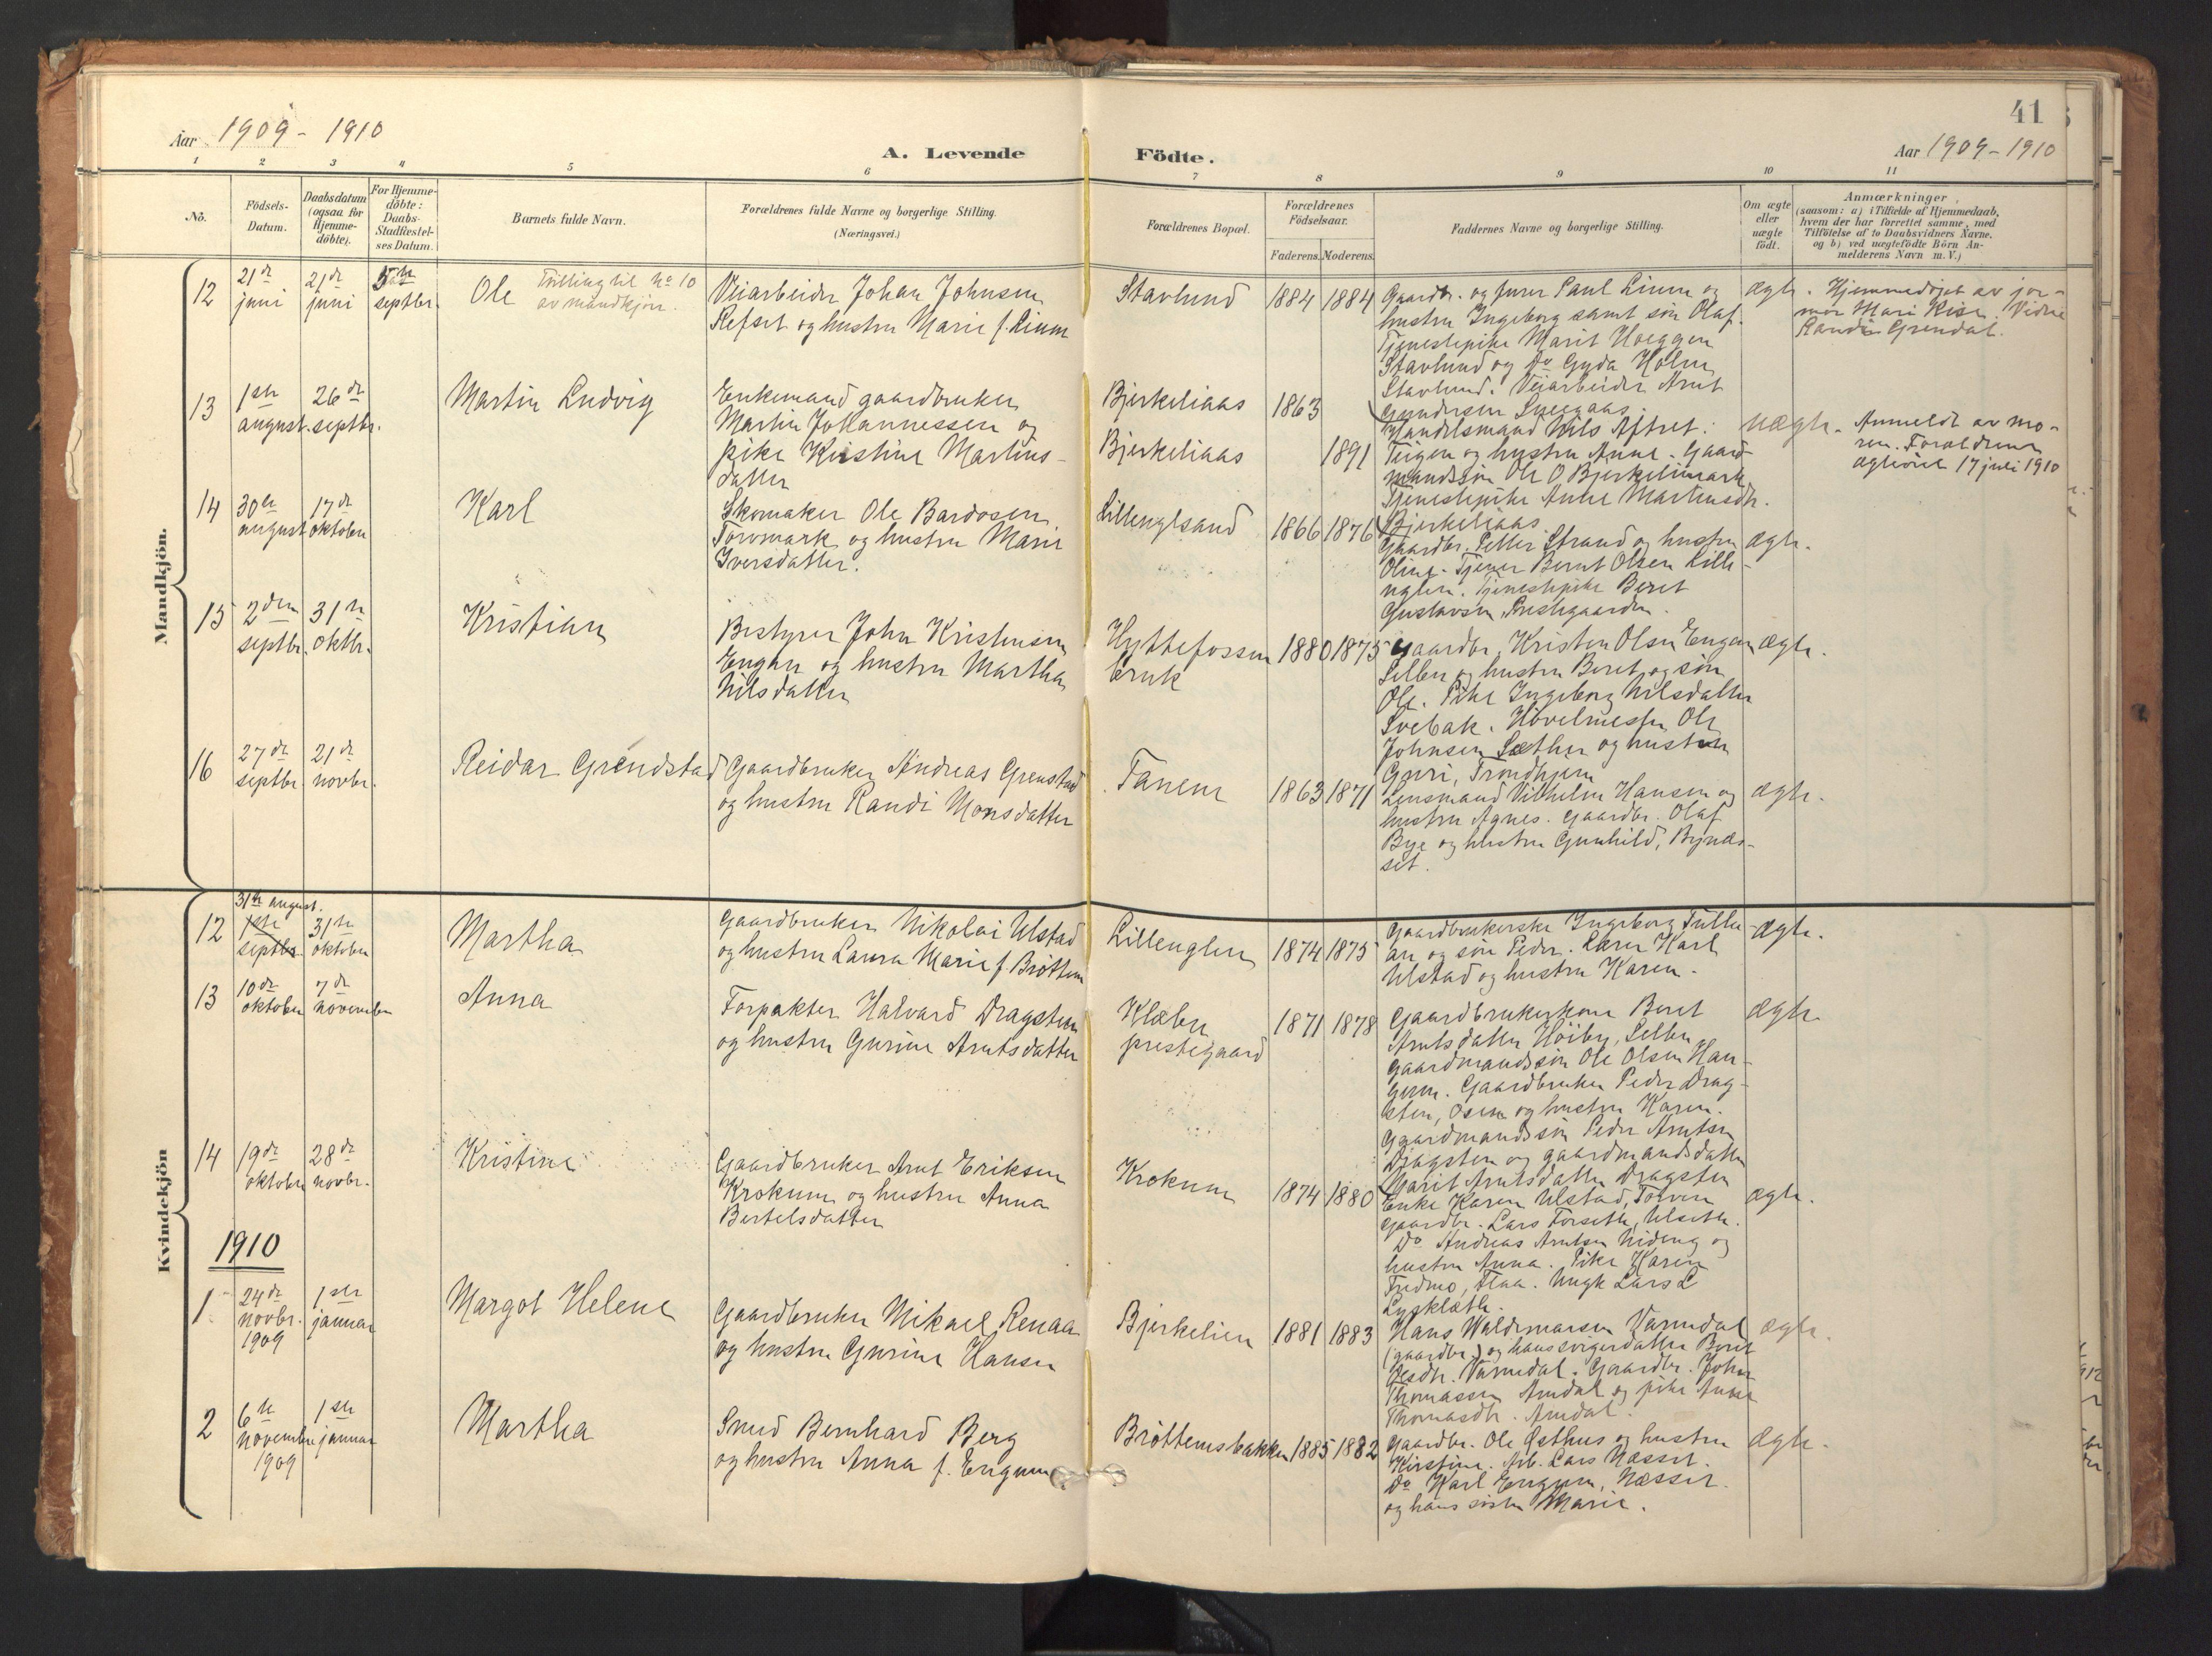 SAT, Ministerialprotokoller, klokkerbøker og fødselsregistre - Sør-Trøndelag, 618/L0448: Ministerialbok nr. 618A11, 1898-1916, s. 41